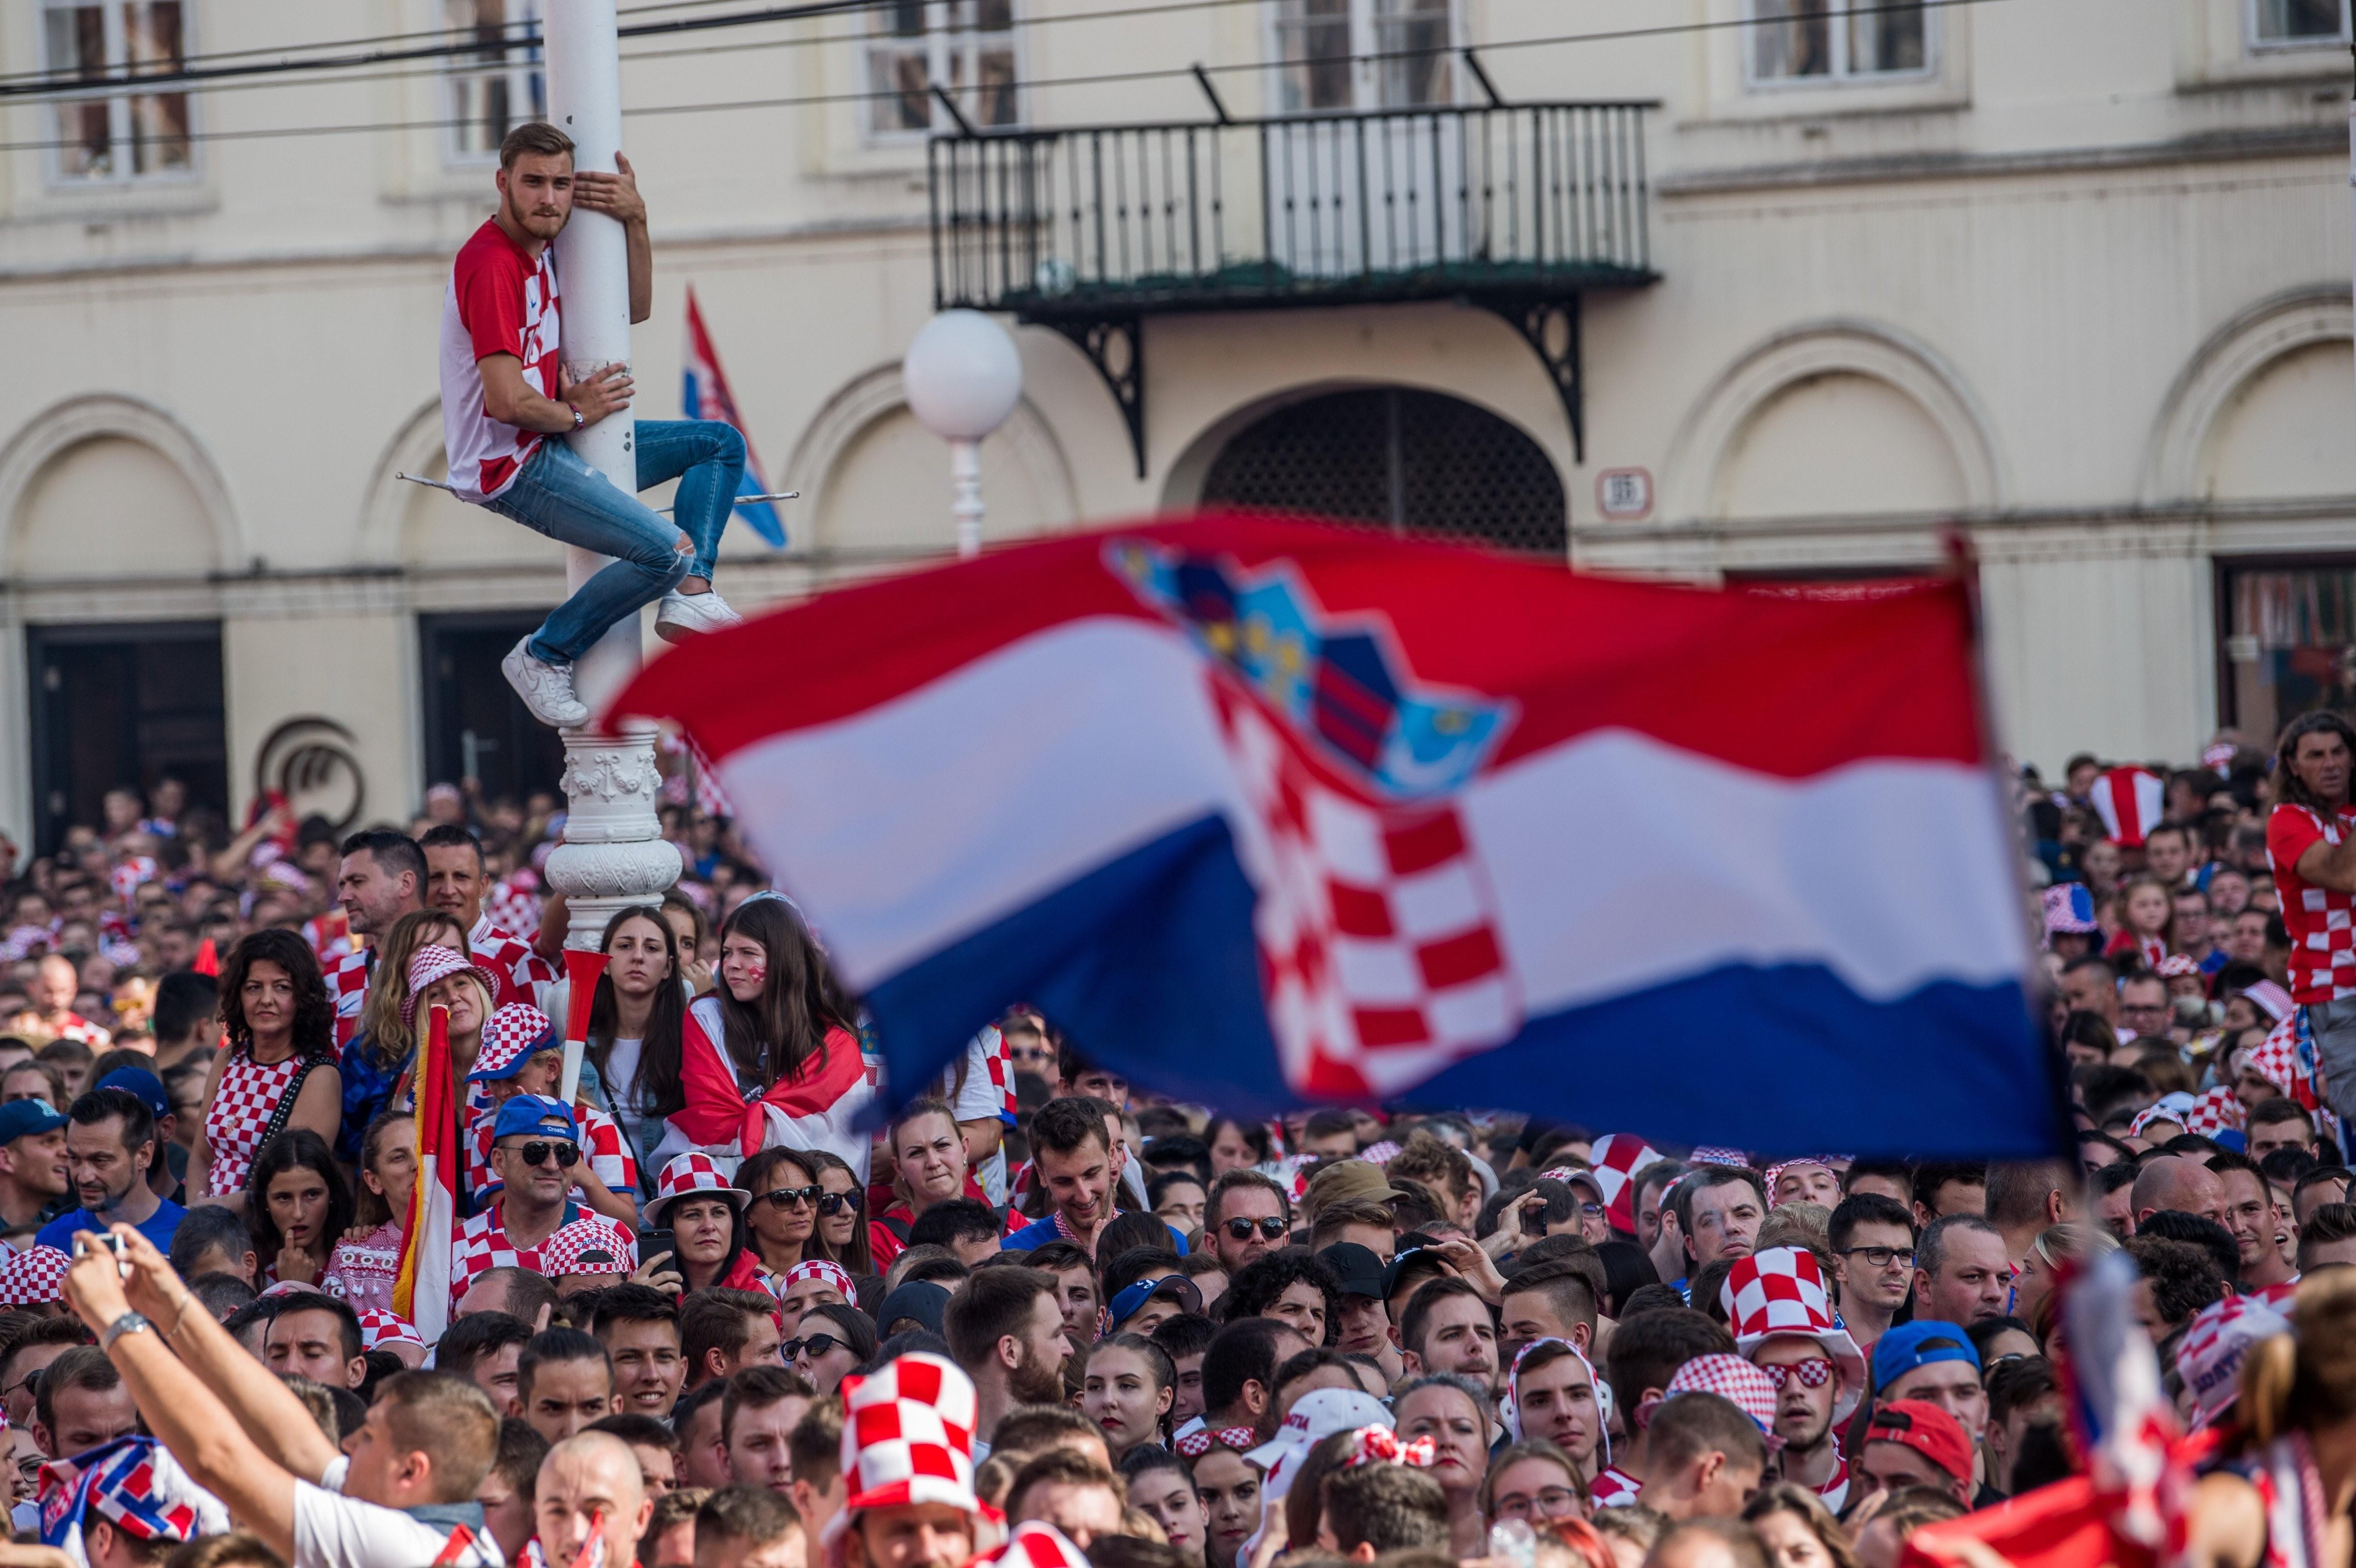 Így döntött a 7,7 milliárd forintnak megfelelő pénzjutalmáról a horvát foci-válogatott